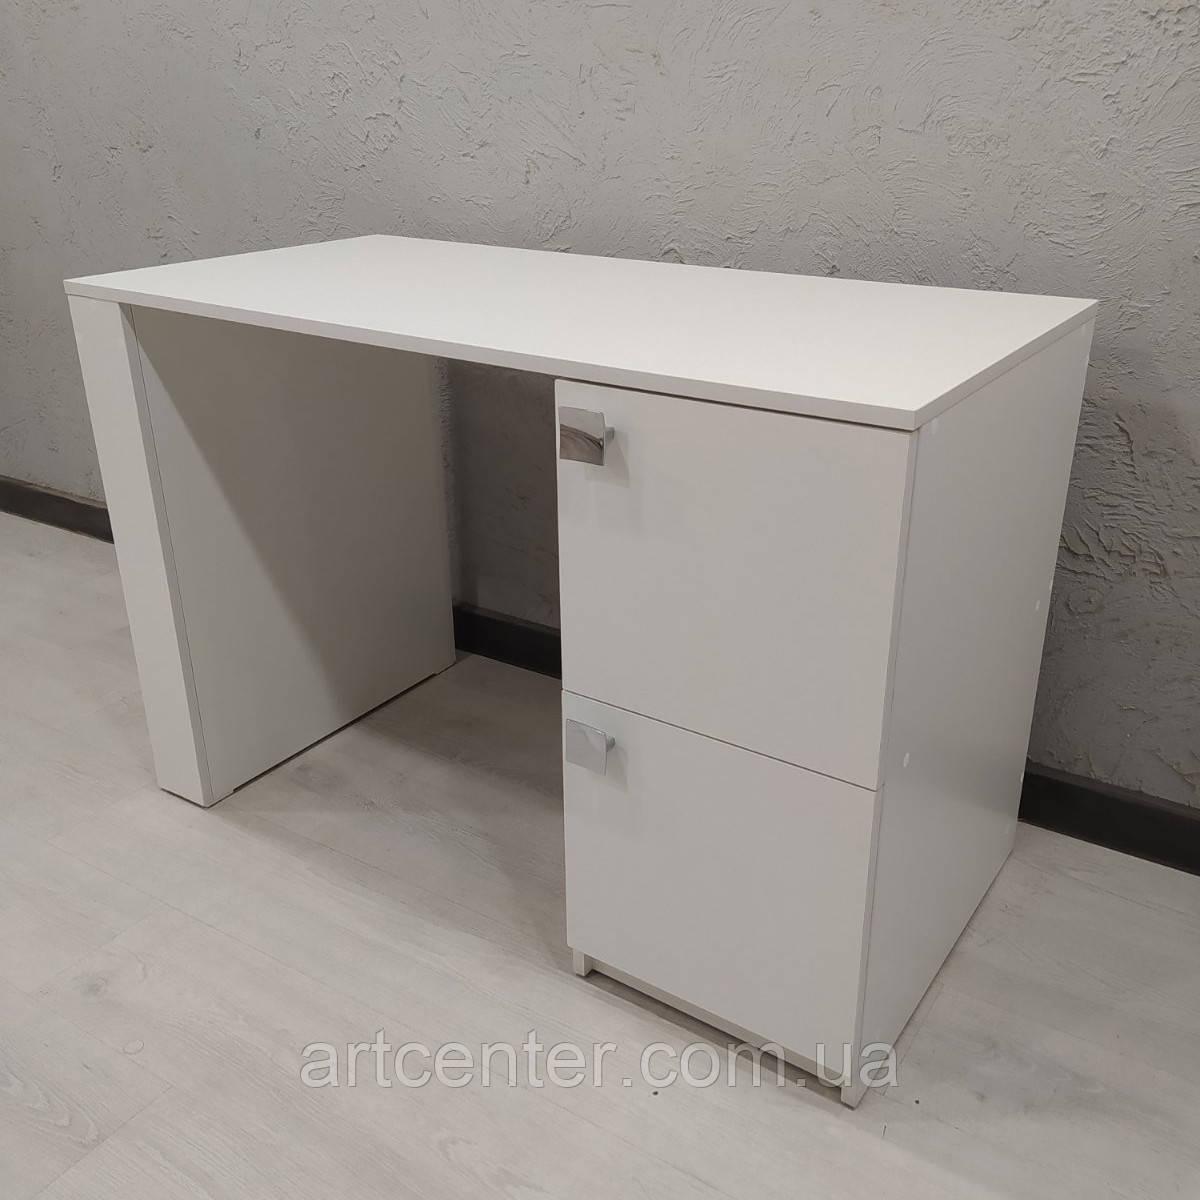 Стіл для манікюру білого кольору